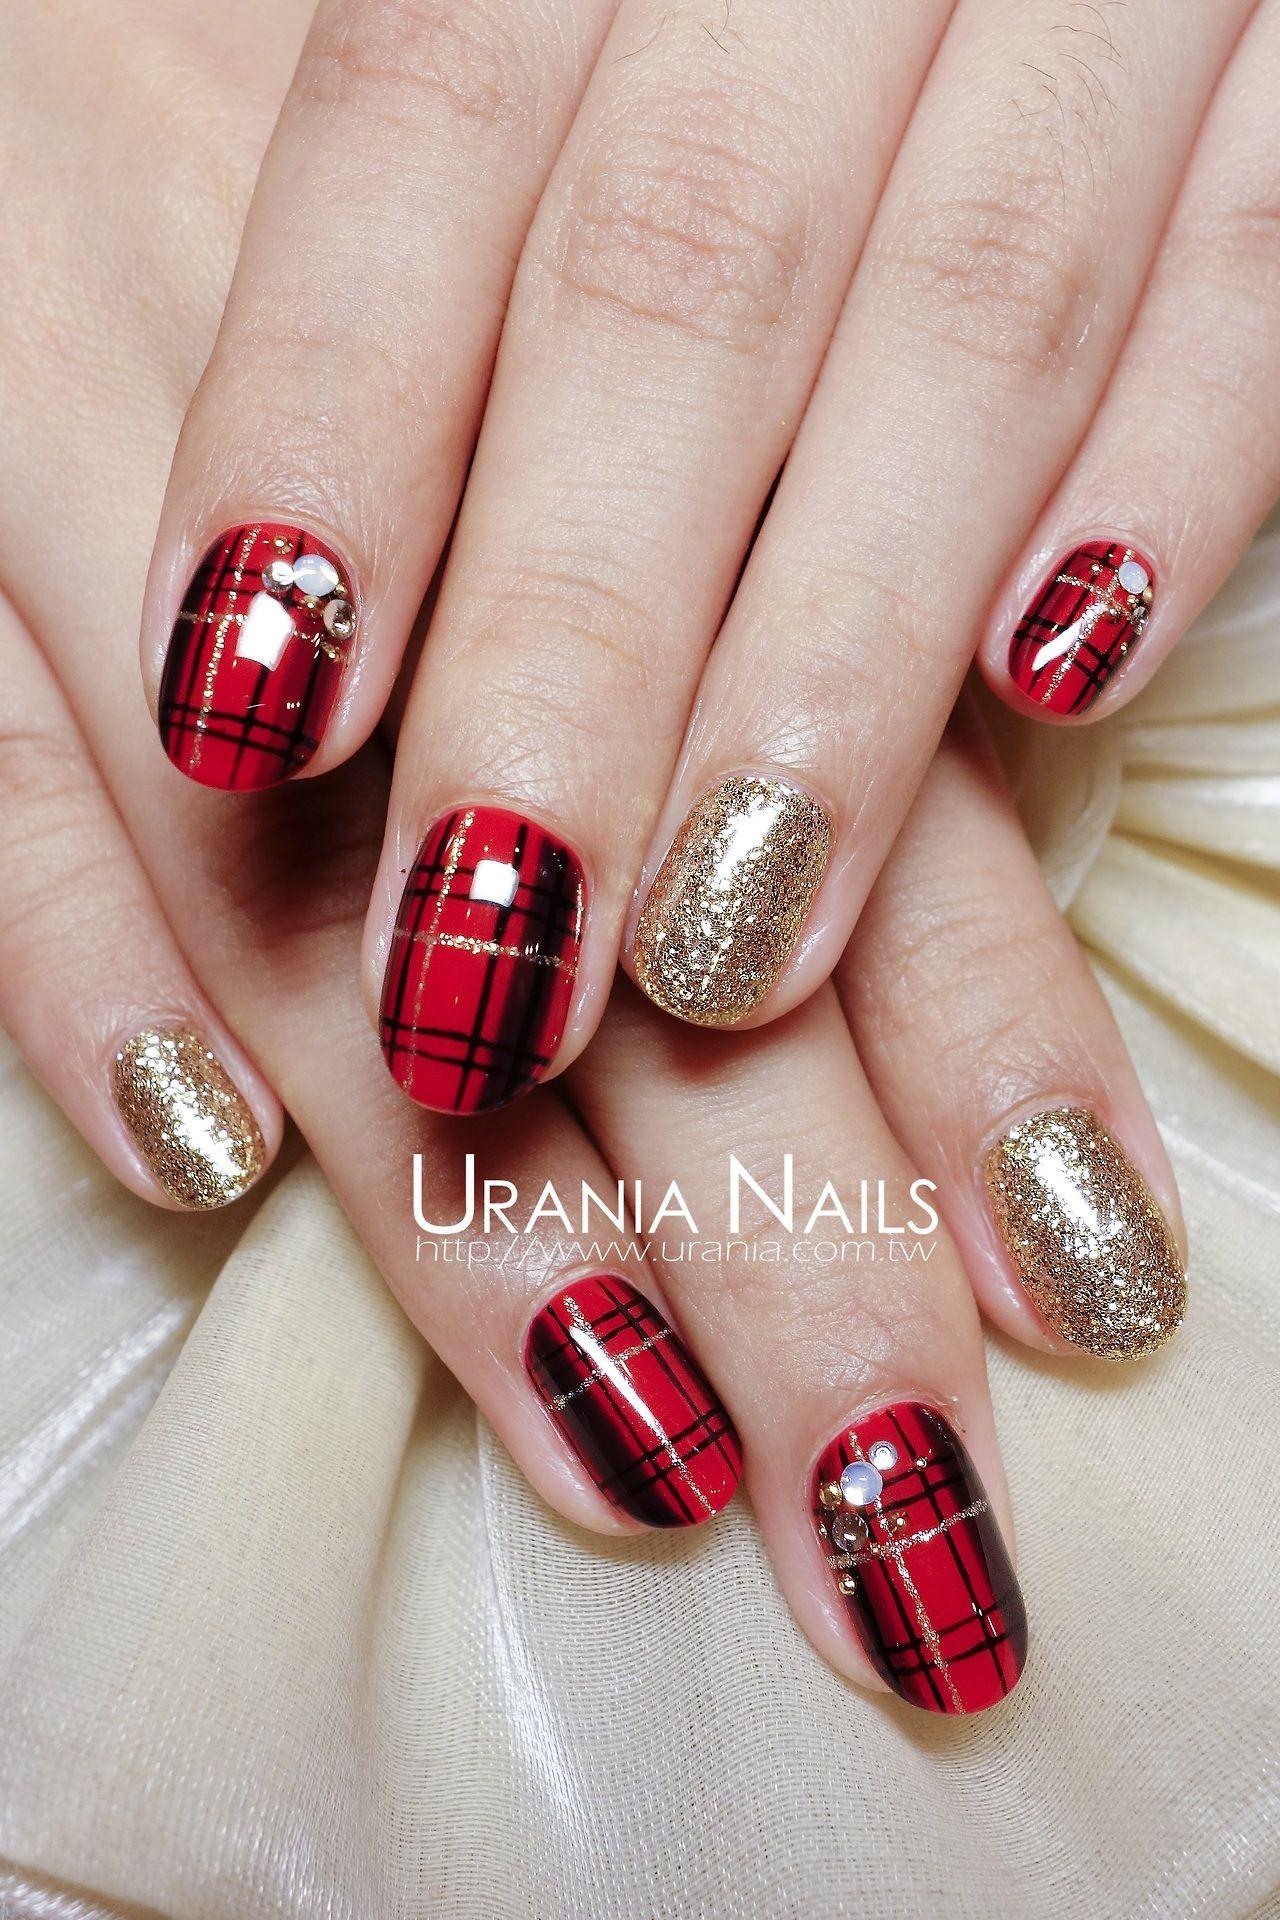 Urania Asia Nail Nails Nailart Nails ネイル ネイルデザイン